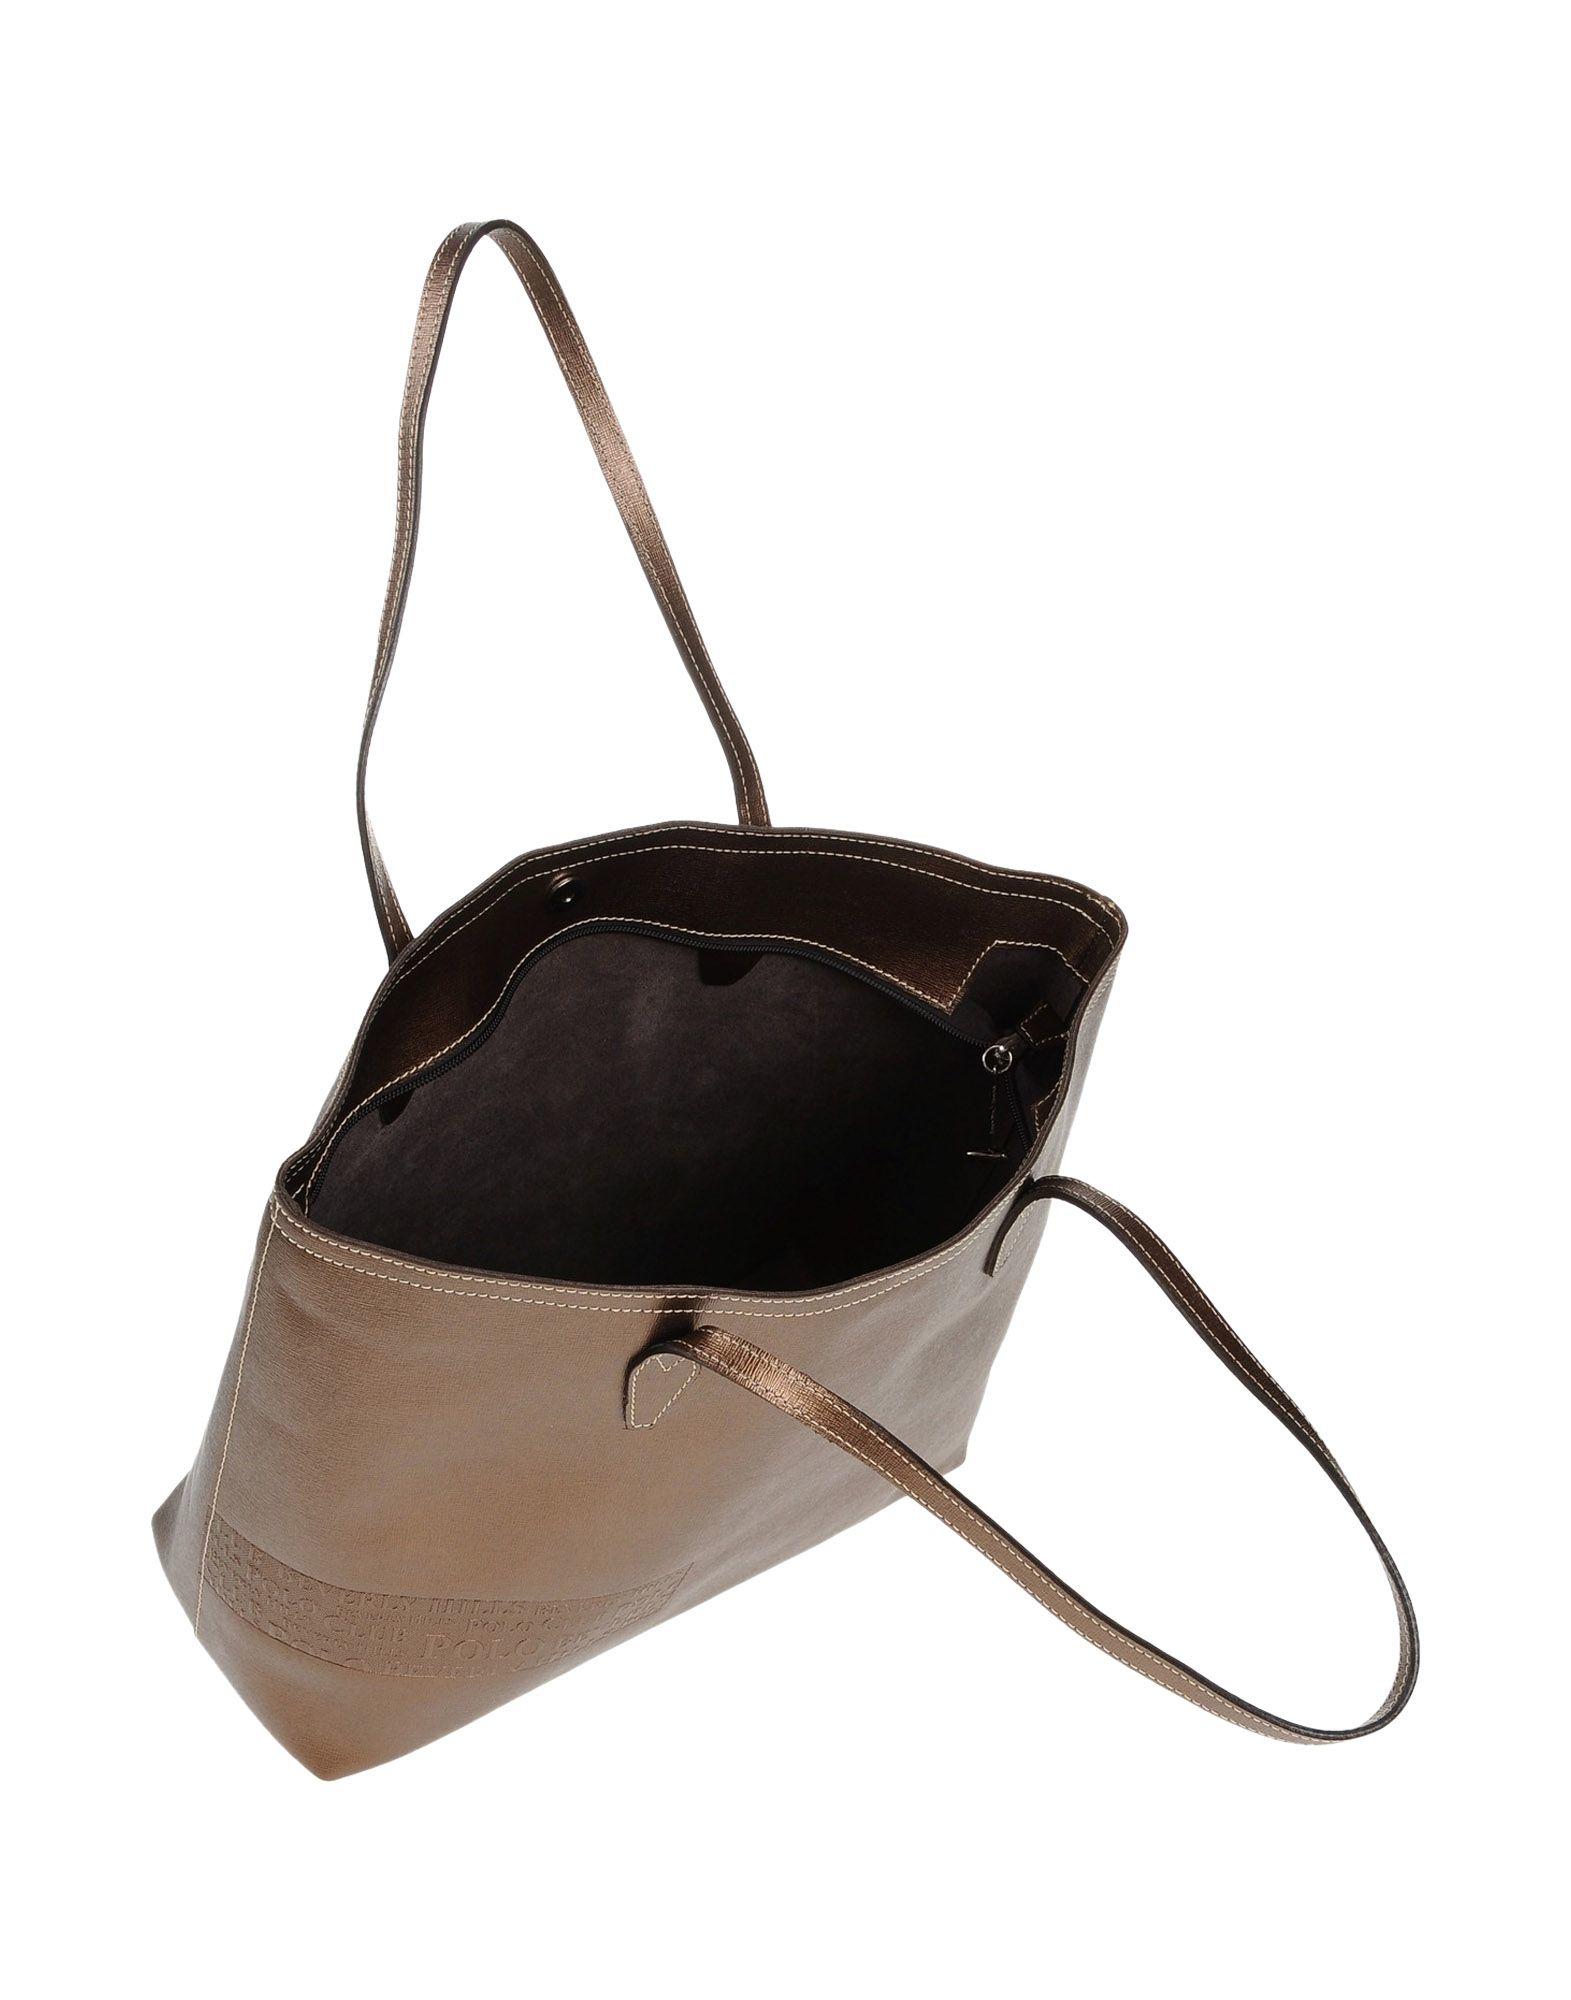 73830a4c1218 Lyst - Beverly Hills Polo Club Handbag in Metallic